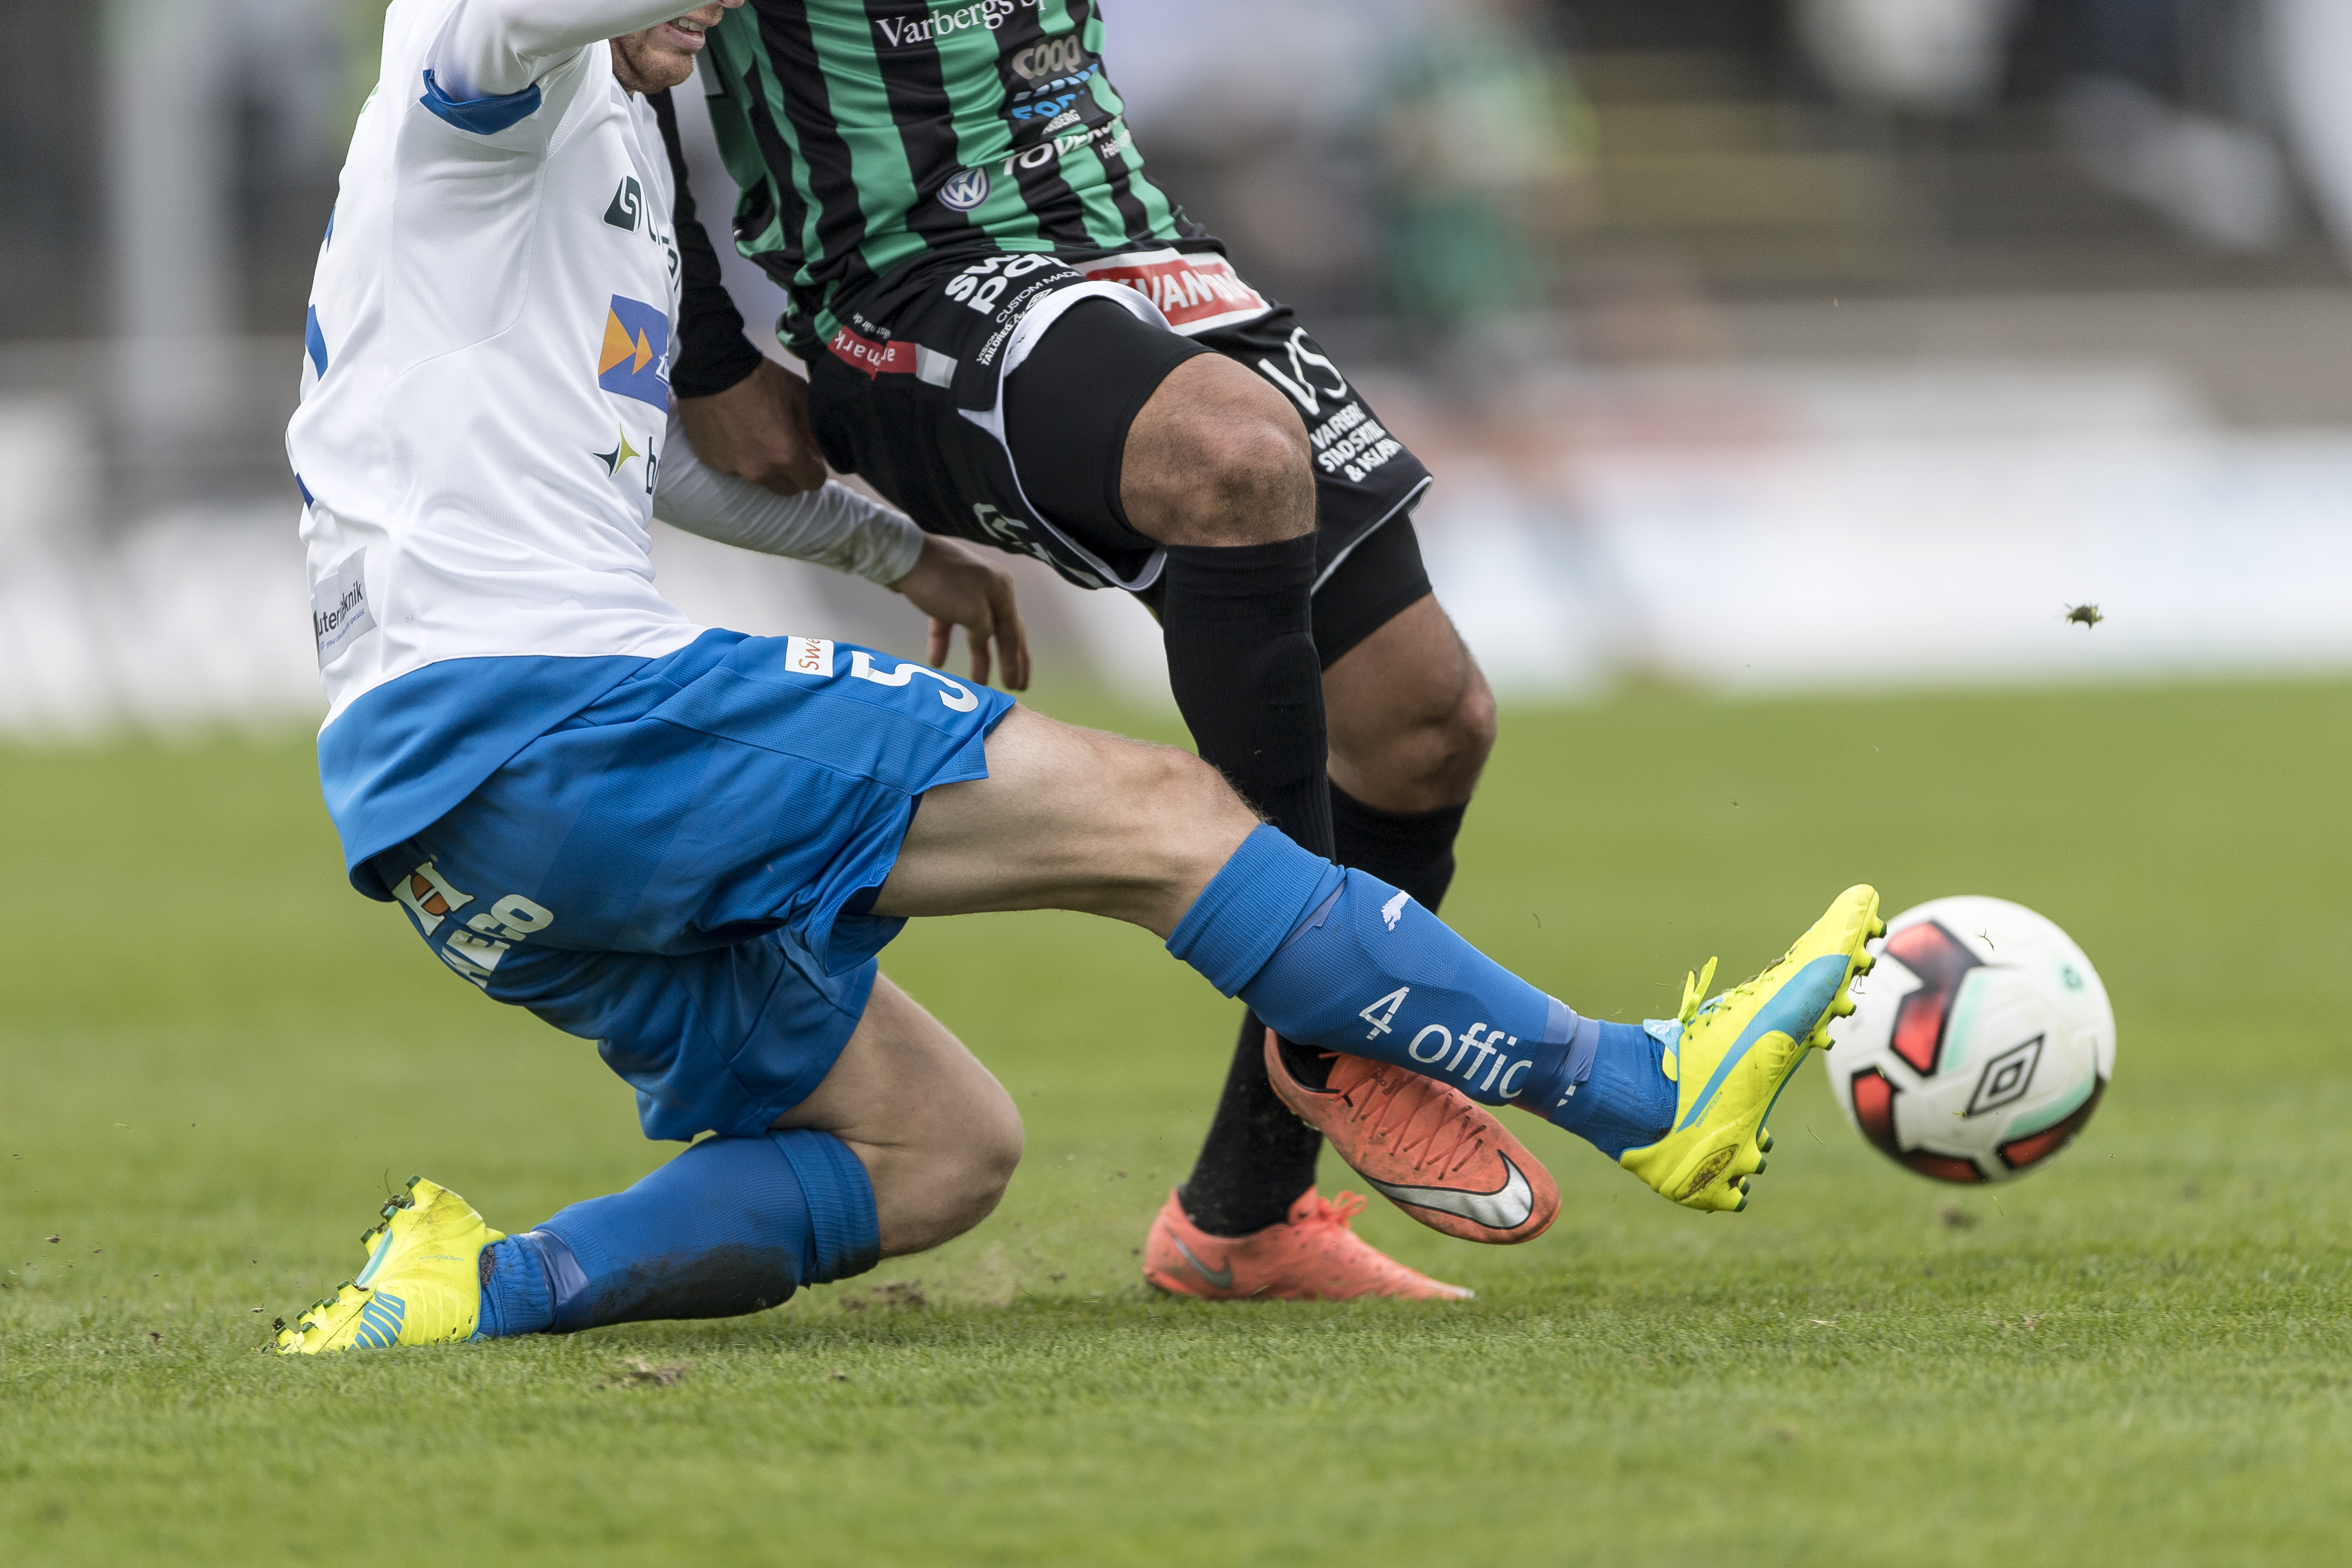 160416 Brytning under fotbollsmatchen i Superettan mellan Varberg och VŠrnamo den 16 april 2016 i Varberg. Foto: Krister Andersson / BILDBYRN / Cop 147